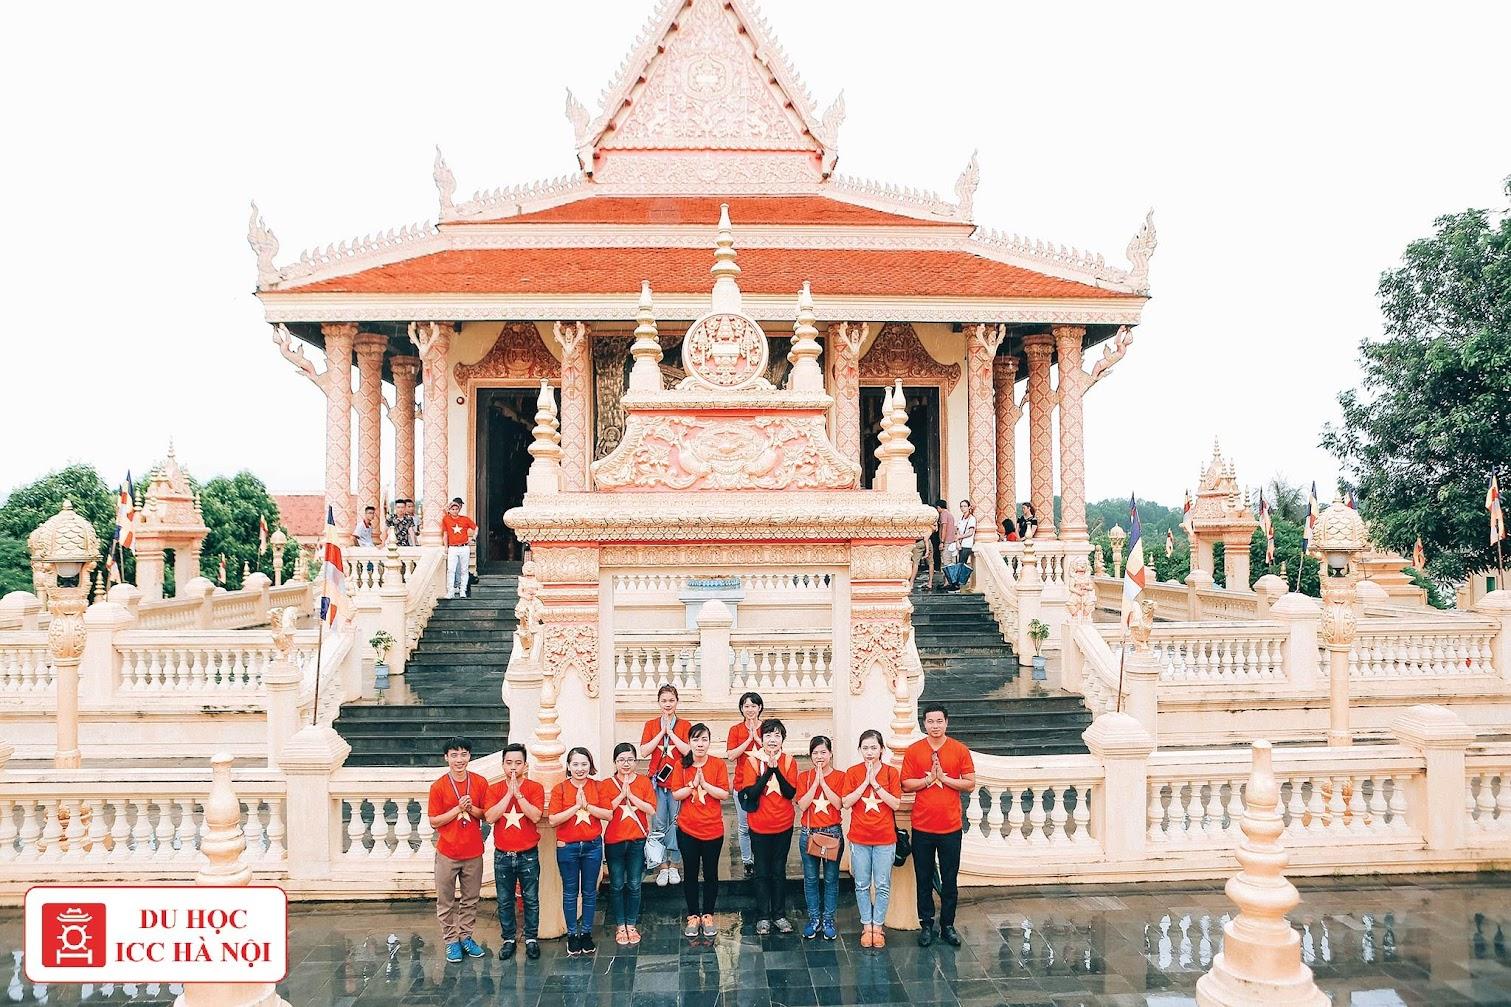 ICC Hà Nội đi thăm làng văn hóa dân tộc